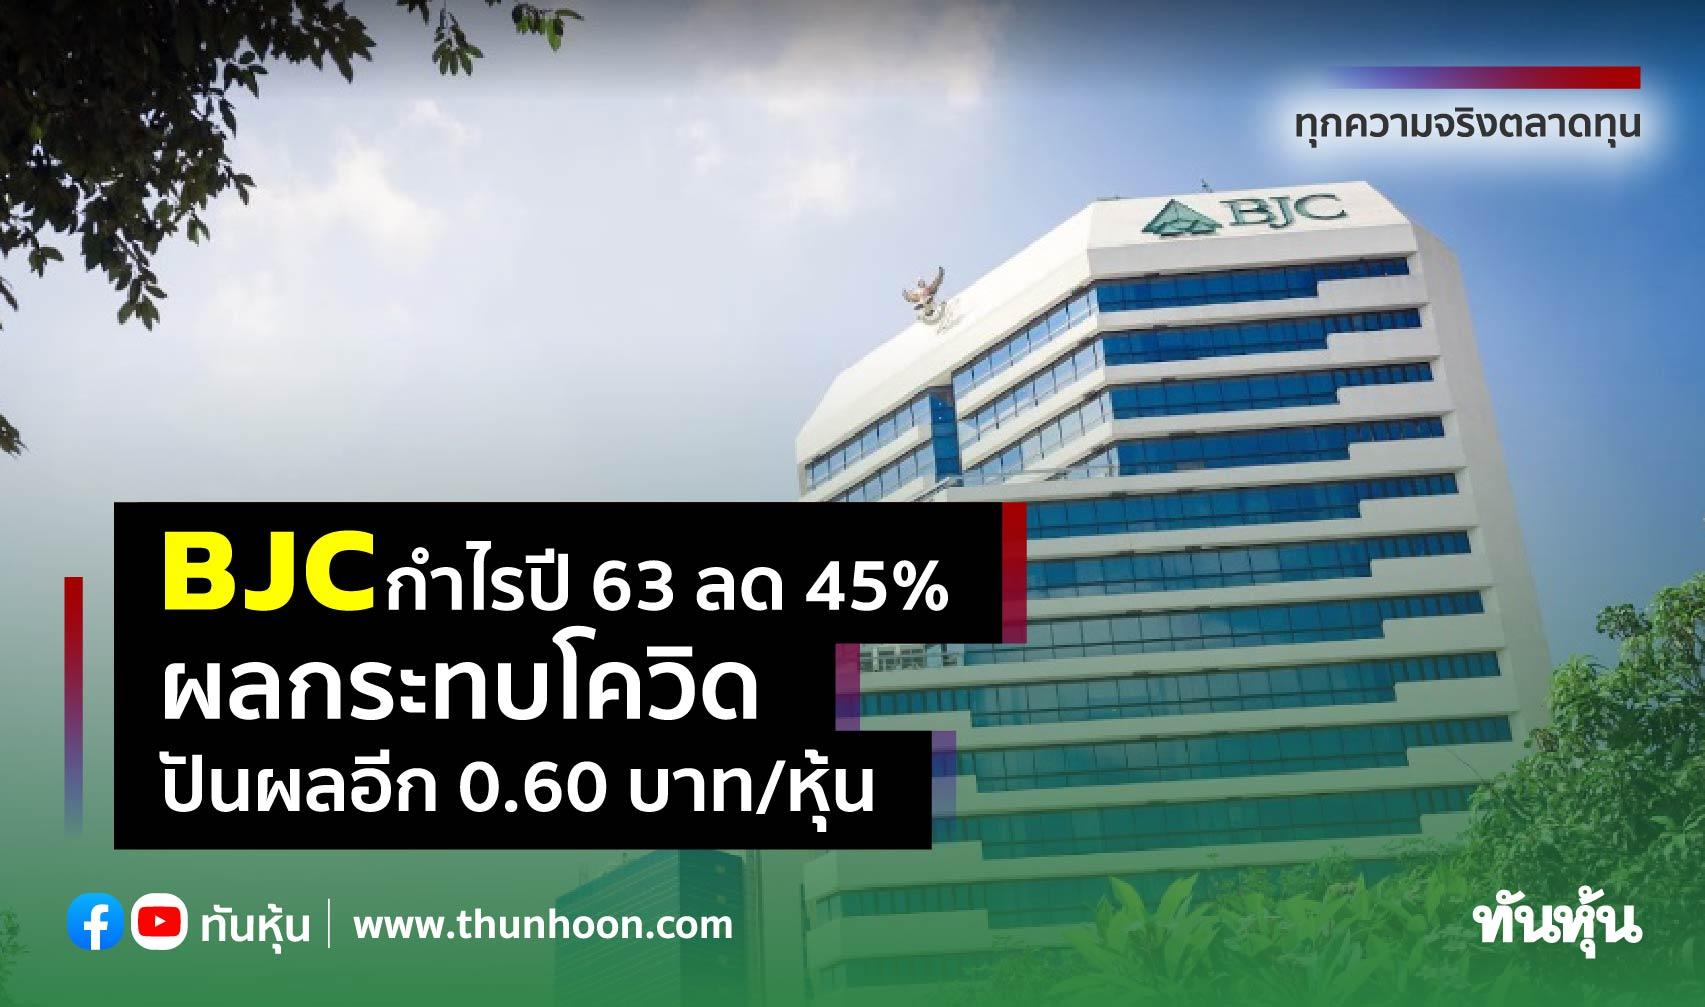 BJC กำไรปี 63 ลด 45% ผลกระทบโควิด, ปันผลอีก 0.60 บาท/หุ้น